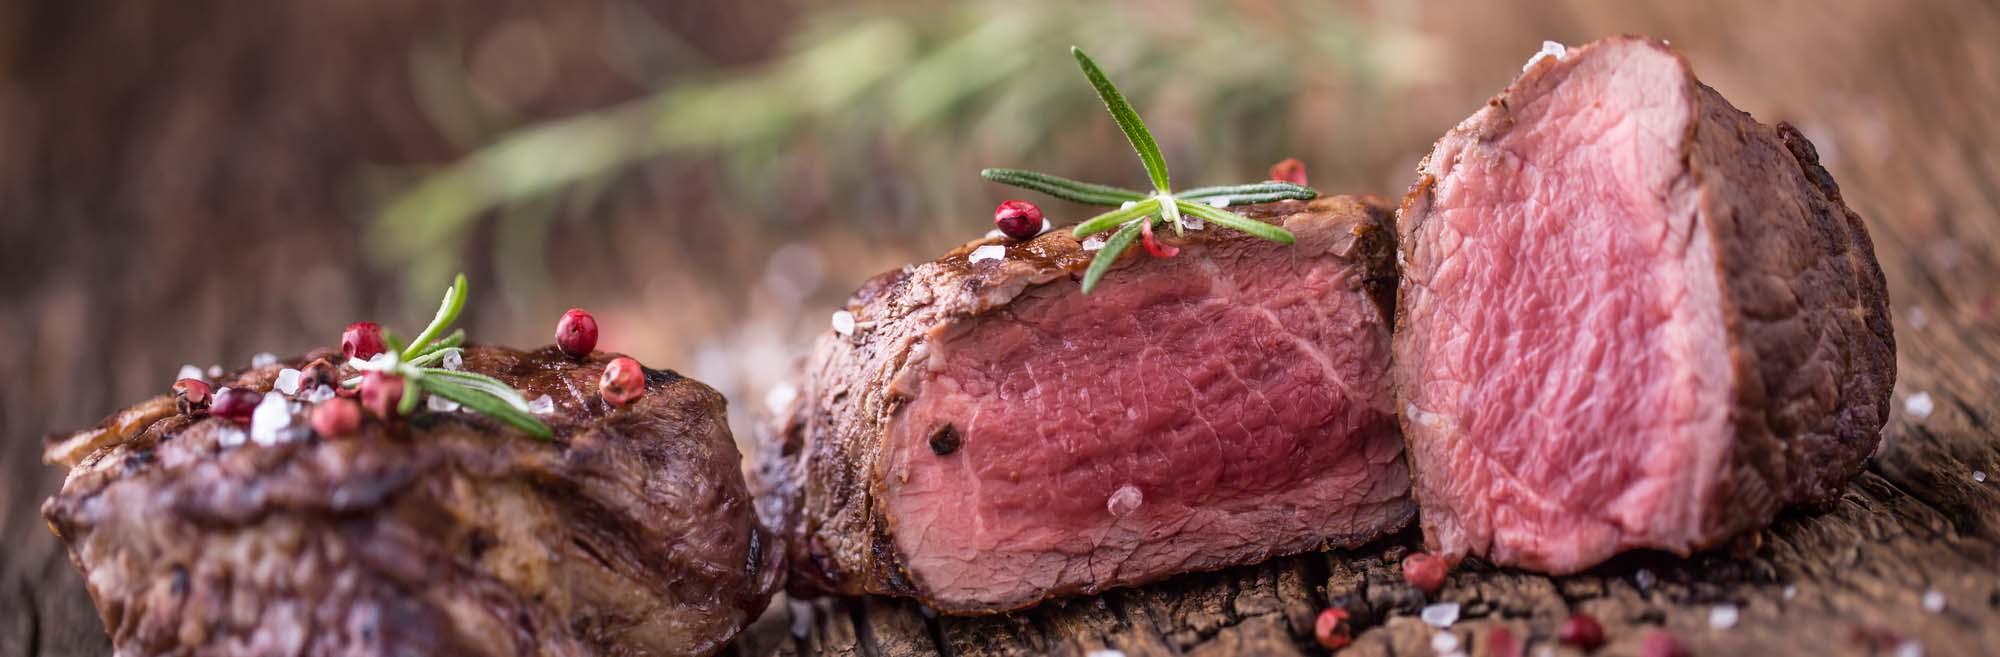 Oksemørbrad stegt som steaks